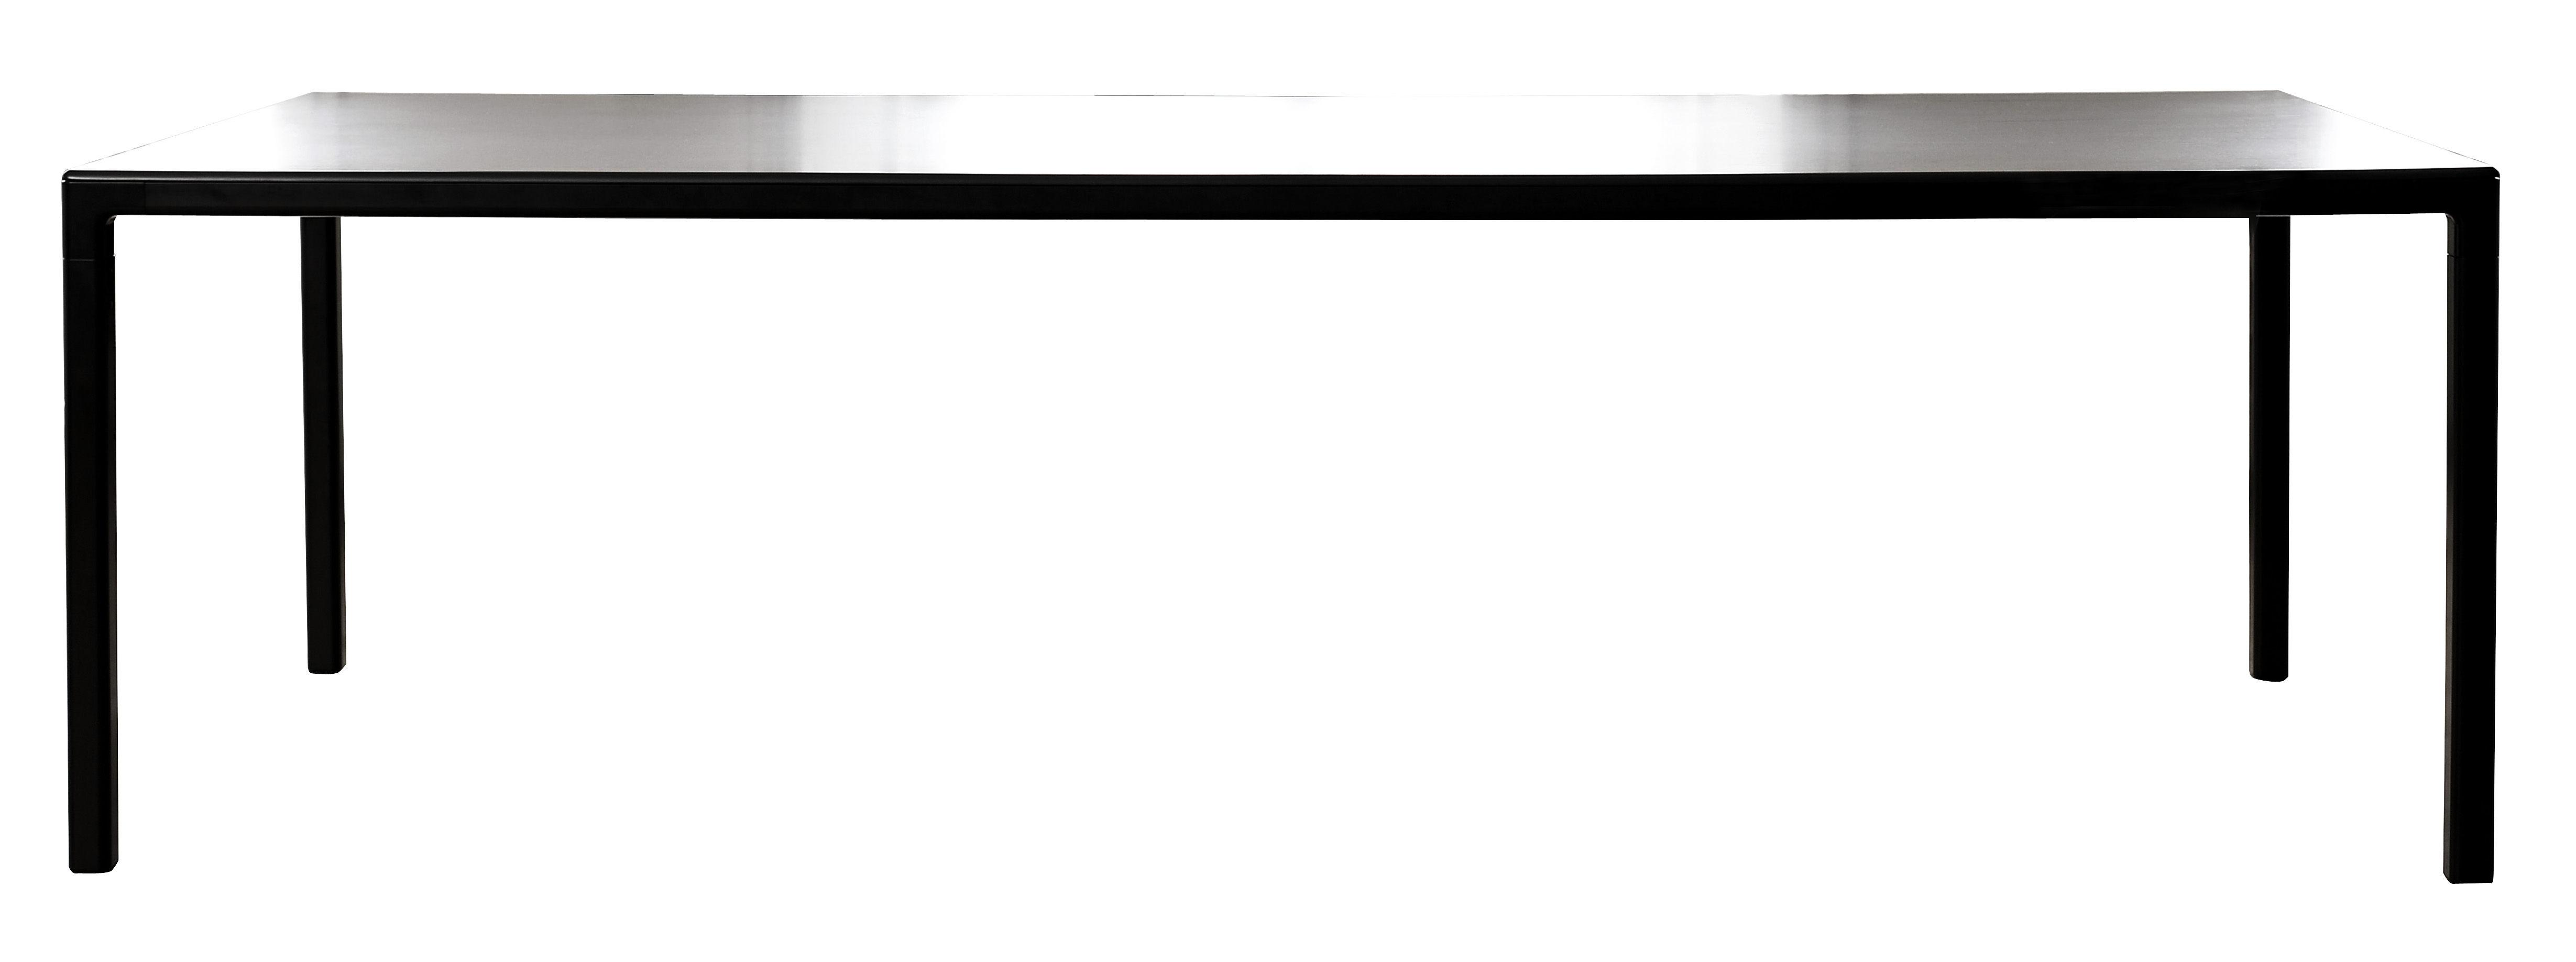 Mobilier - Tables - Table rectangulaire T12 / 160 x 80 cm - Hay - 160 x 80 cm / Noir - Aluminium peint, Linoléum